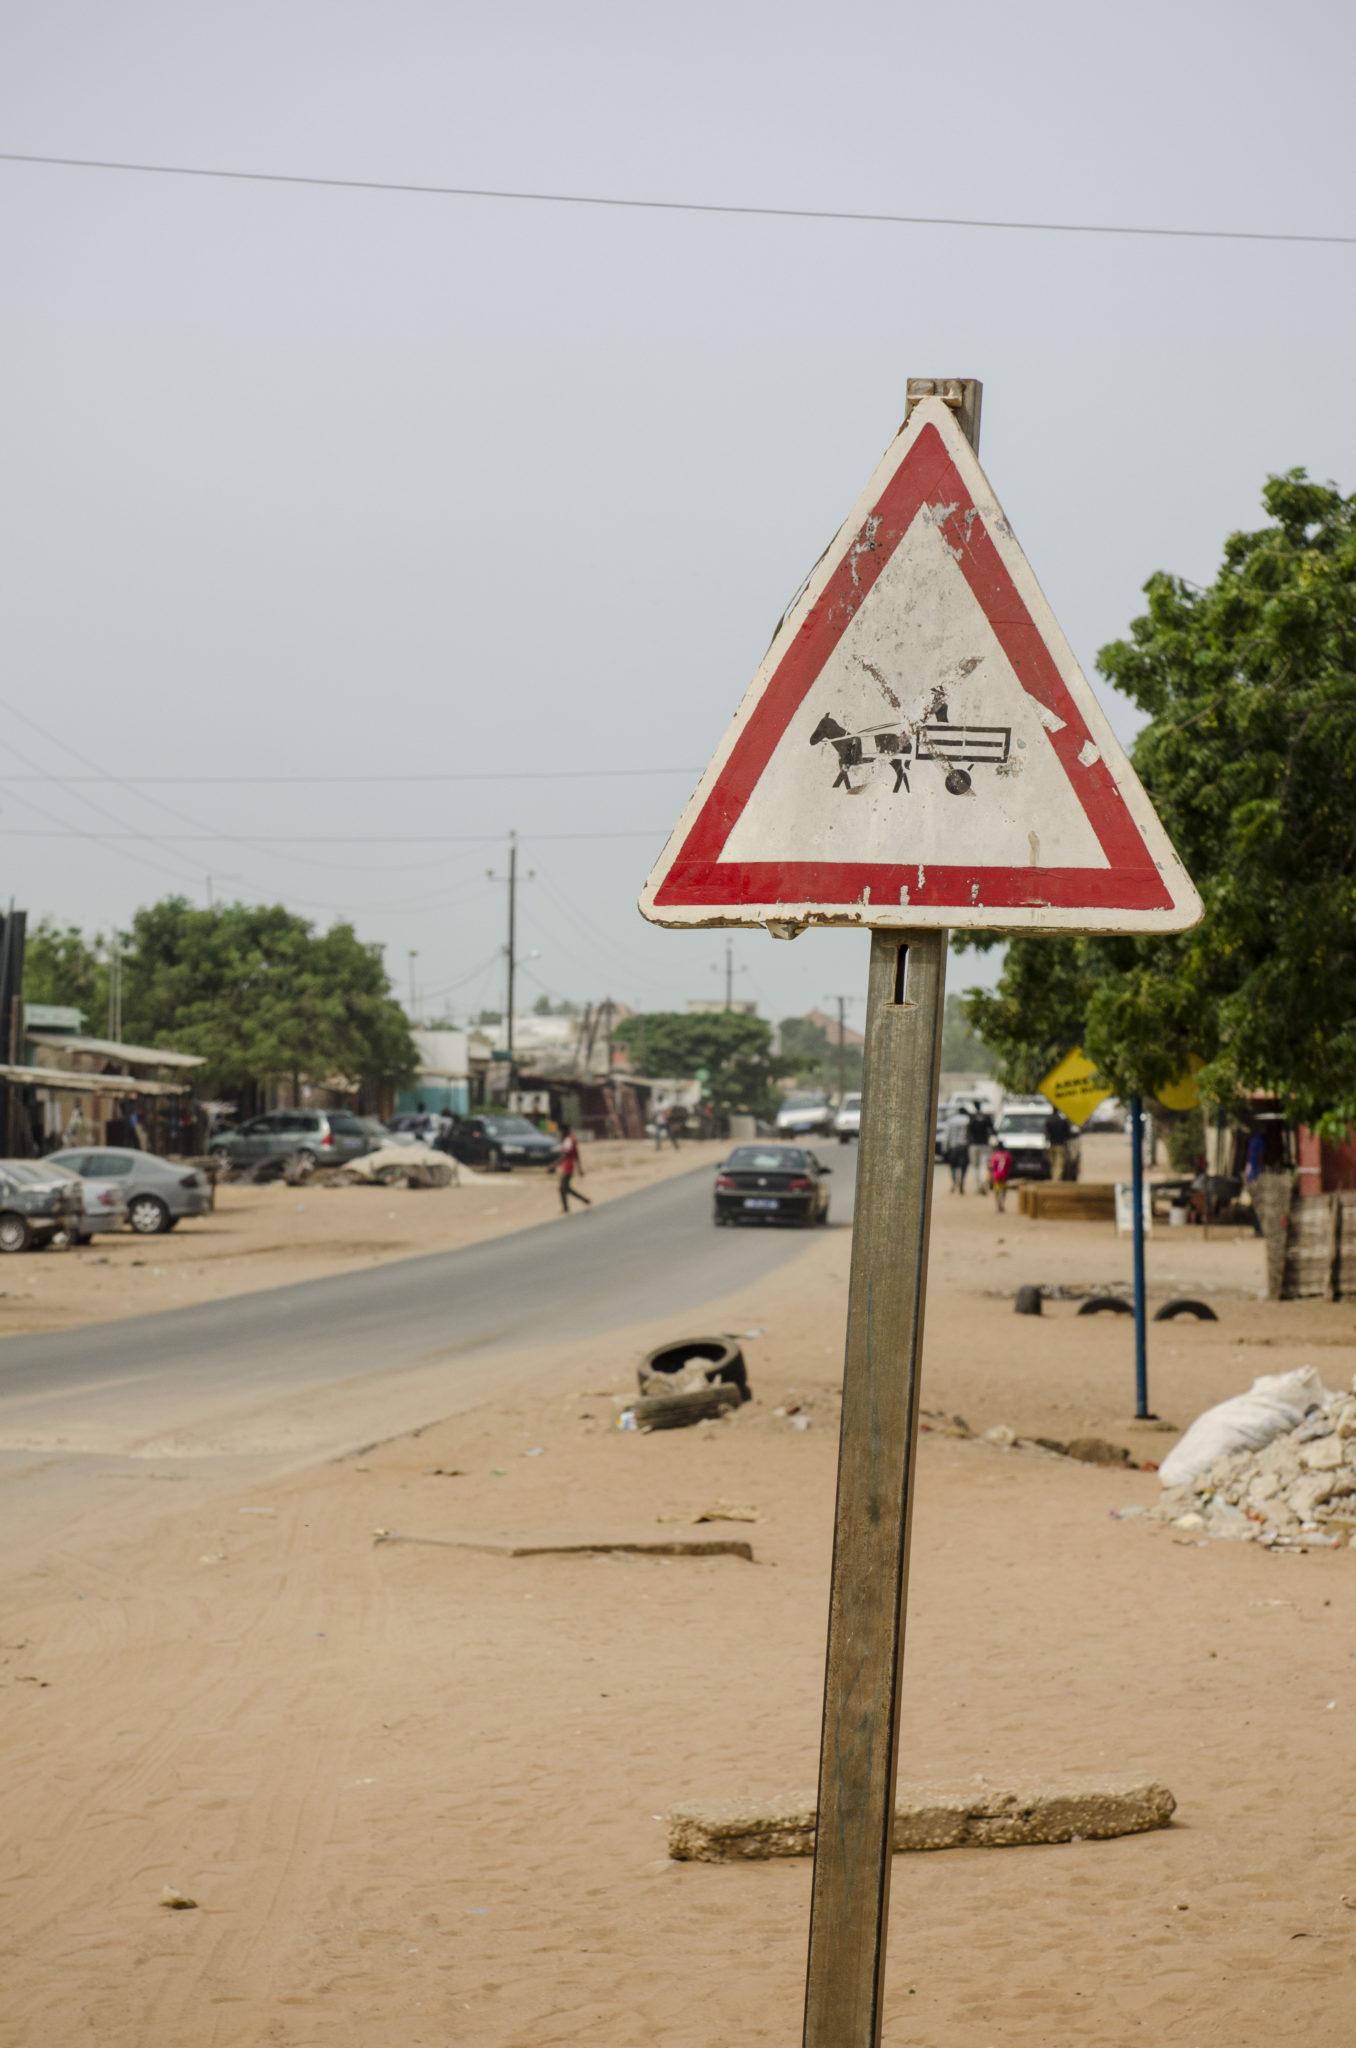 Straßenschild in Mbour im Senegal